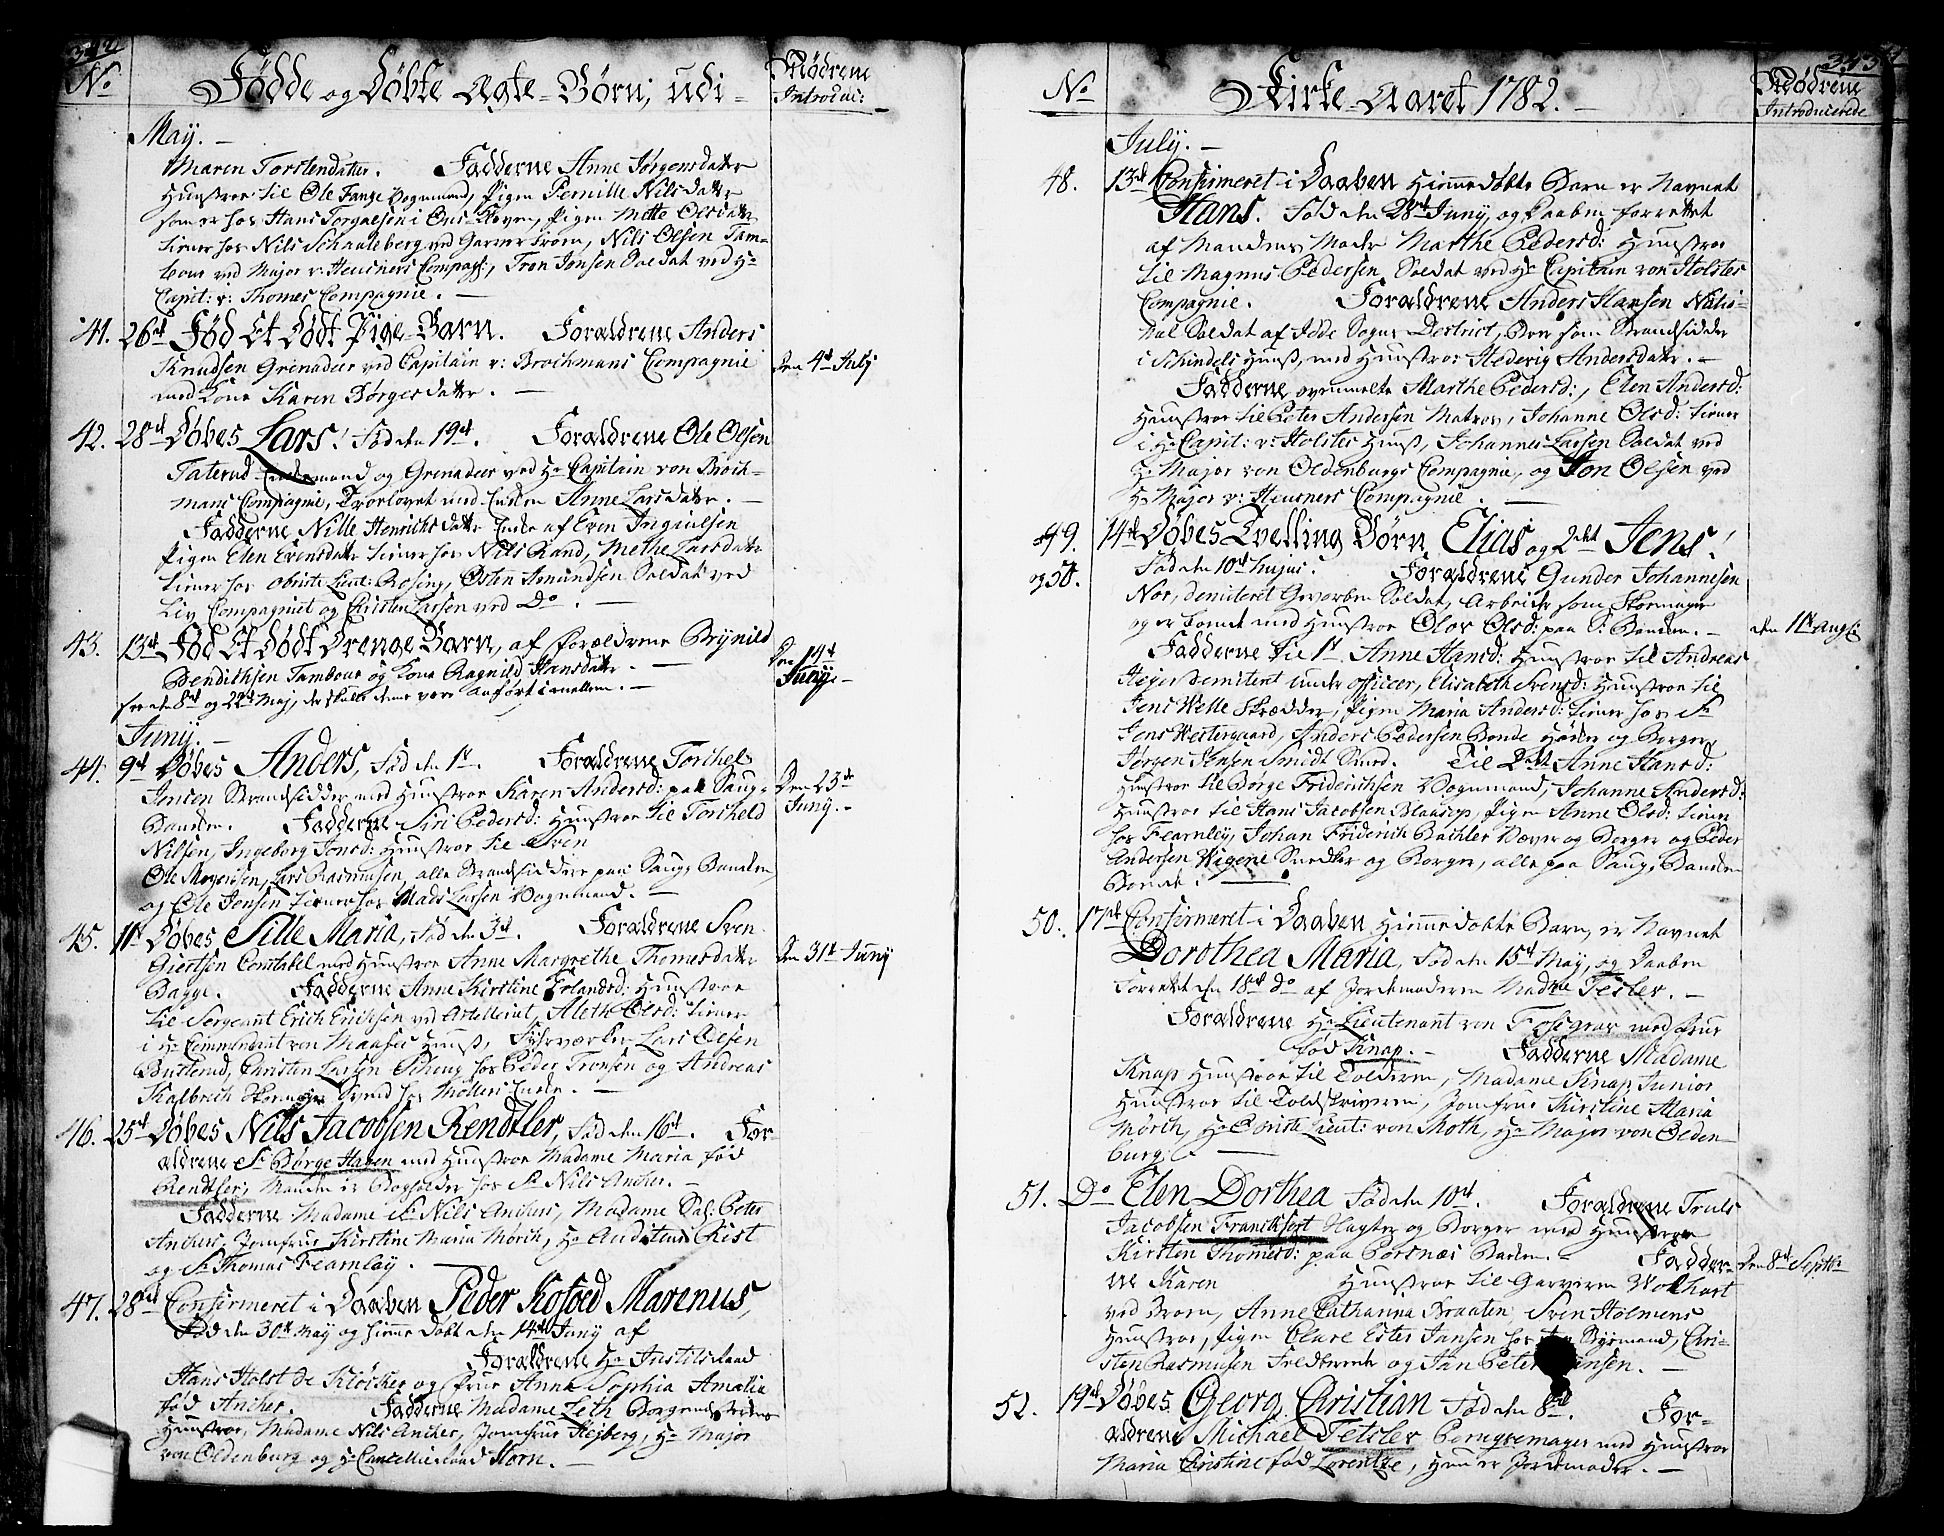 SAO, Halden prestekontor Kirkebøker, F/Fa/L0001: Ministerialbok nr. I 1, 1758-1791, s. 342-343